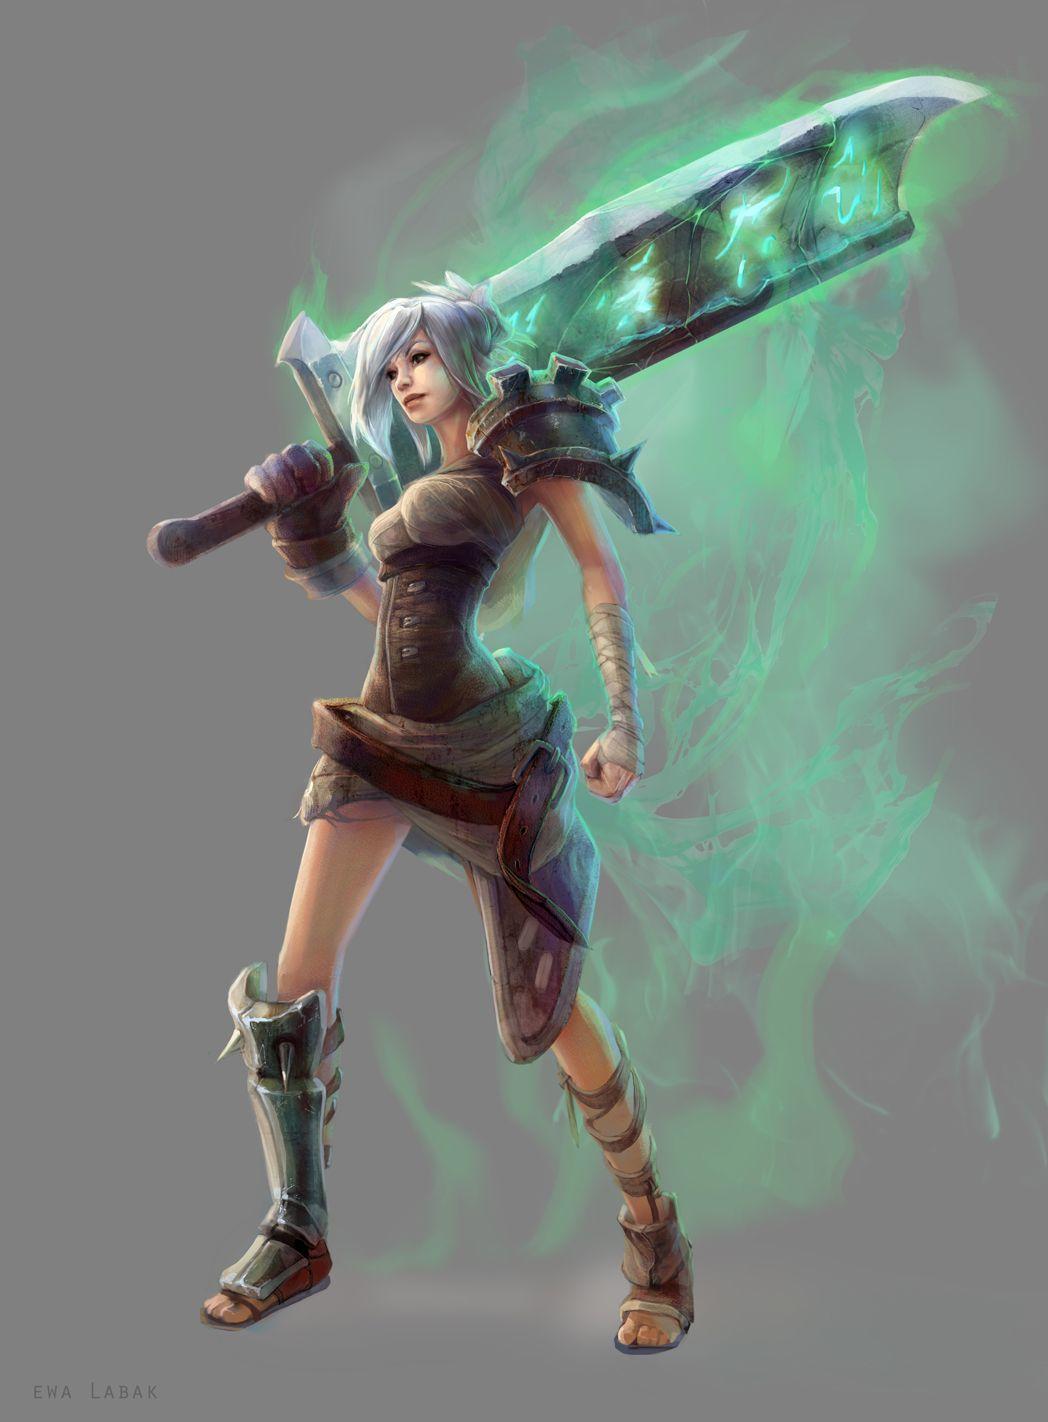 League of Legends - Riven by EwaLabak.deviantart.com on @deviantART